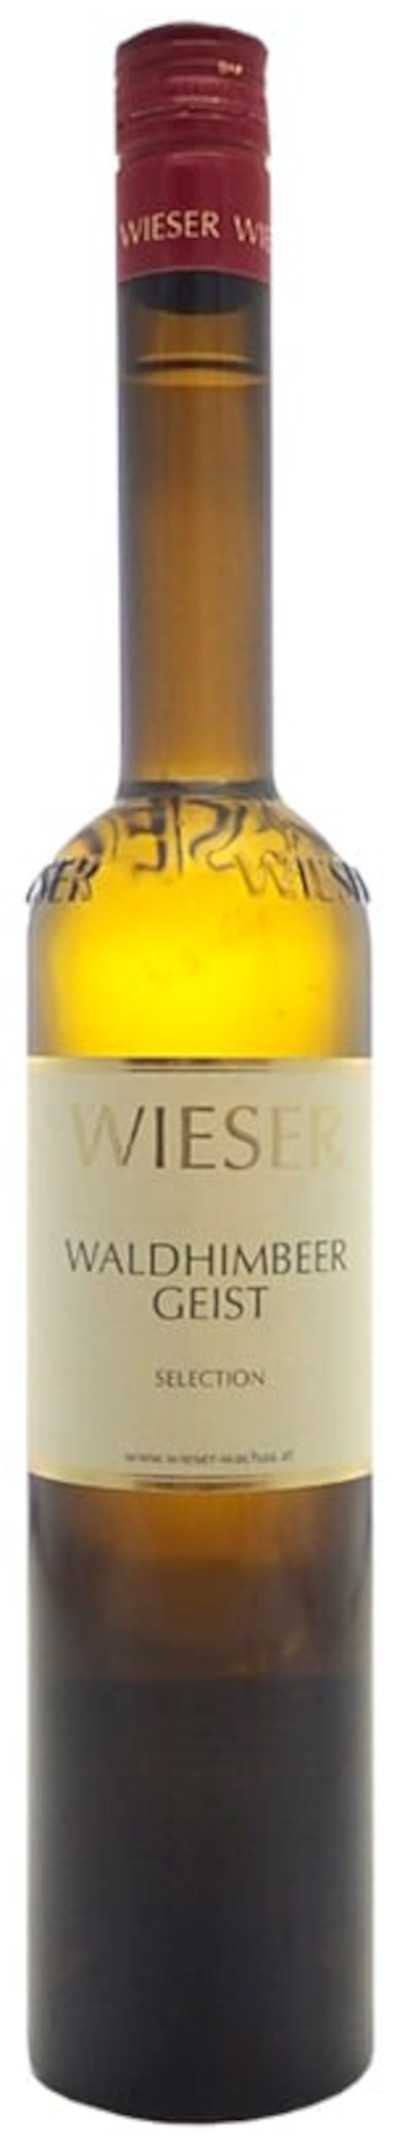 Wieser - Waldhimbeer Selection